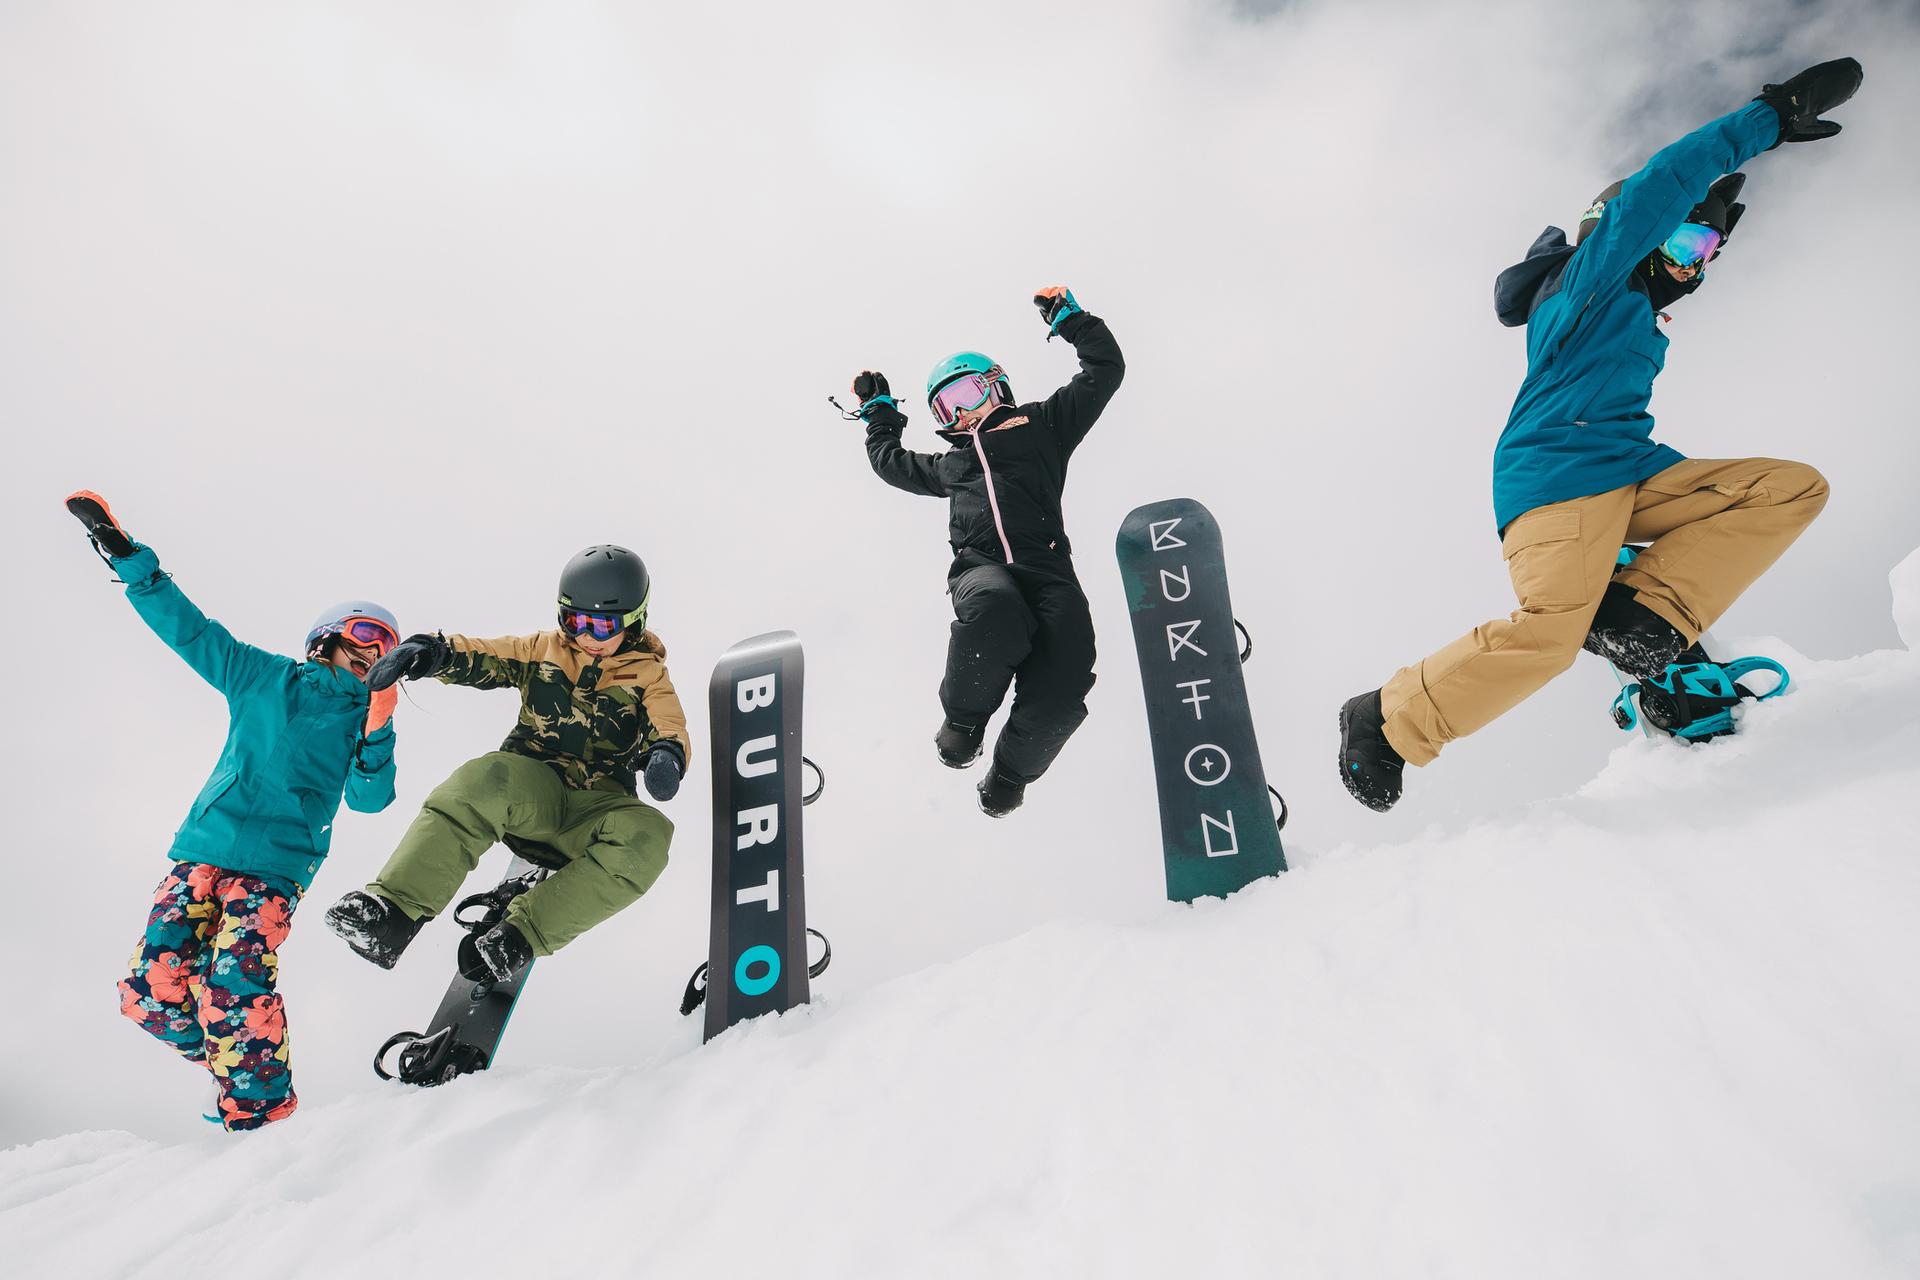 BURTON 2019 - Deski, wiązania, buty snowboardowe i odzież!